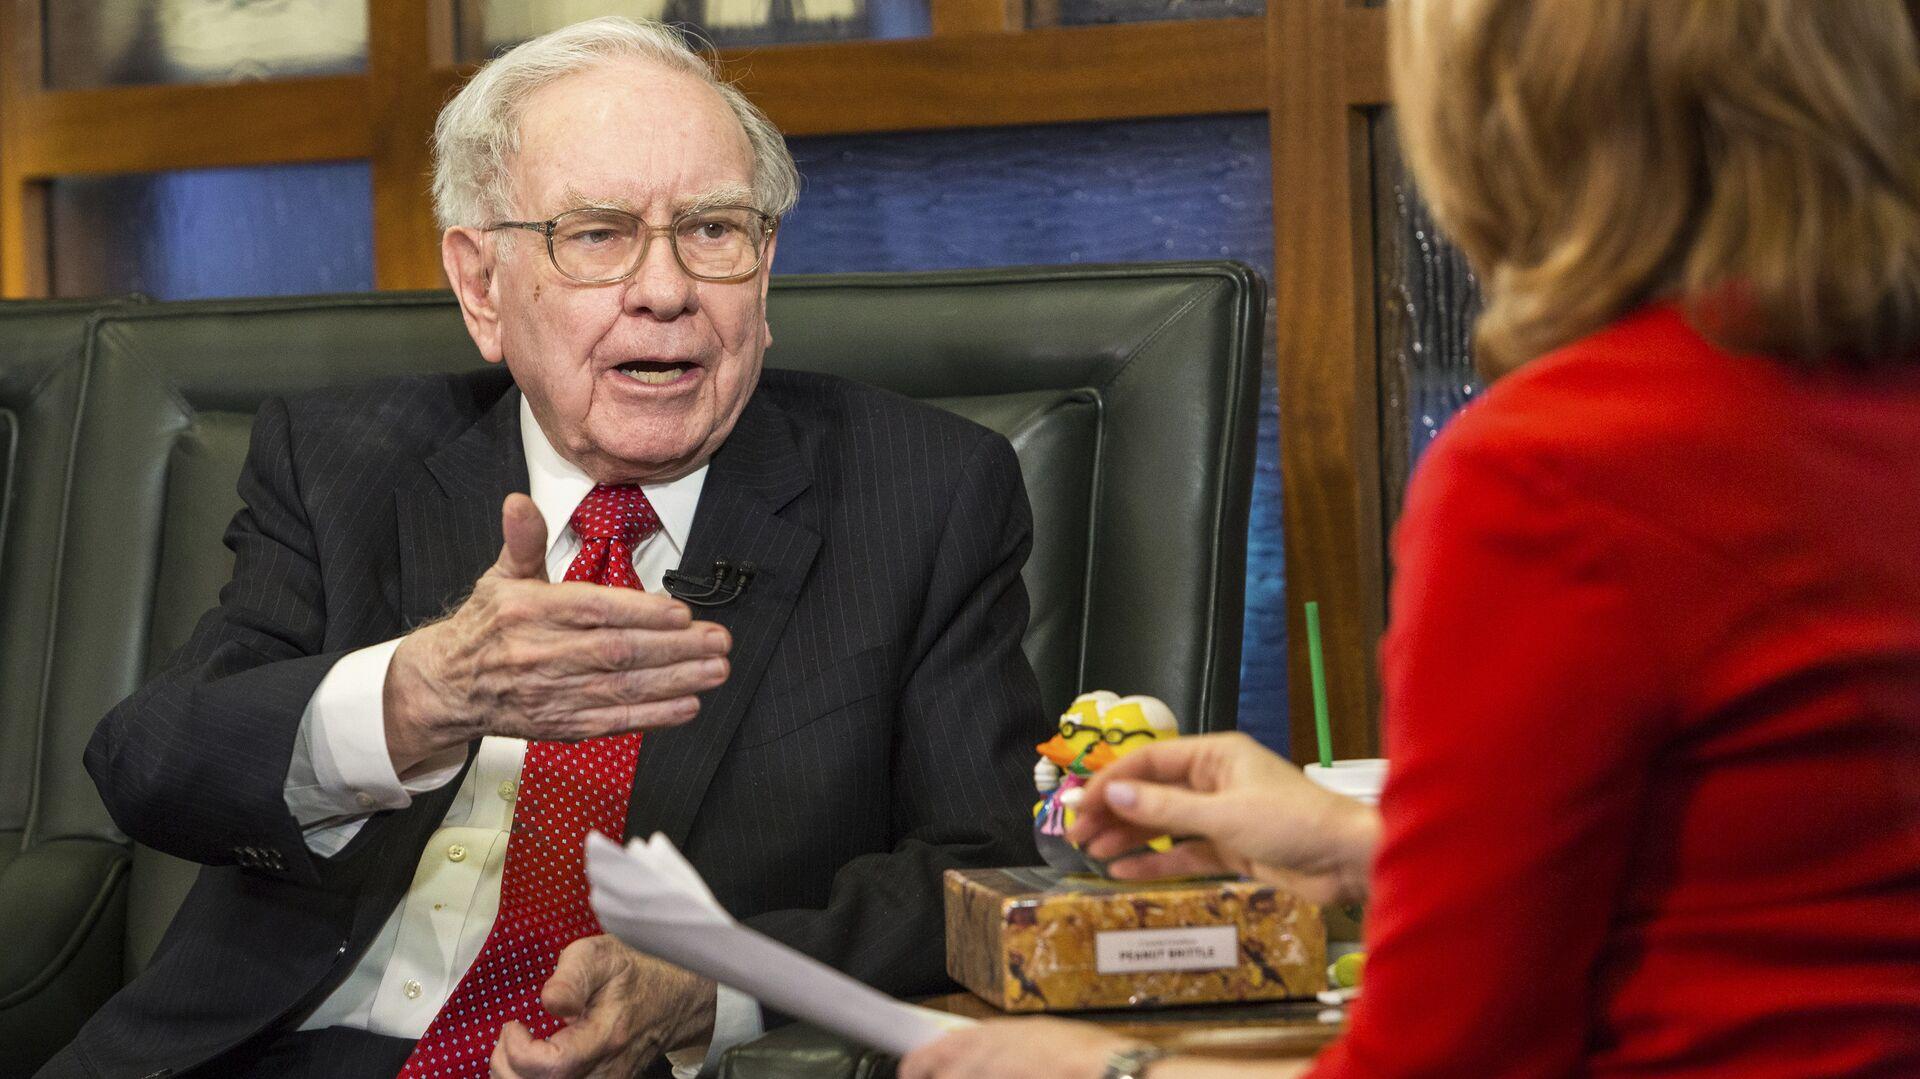 Американский предприниматель, крупнейший в мире и один из наиболее известных инвесторов Уоррен Баффетт - РИА Новости, 1920, 27.02.2021